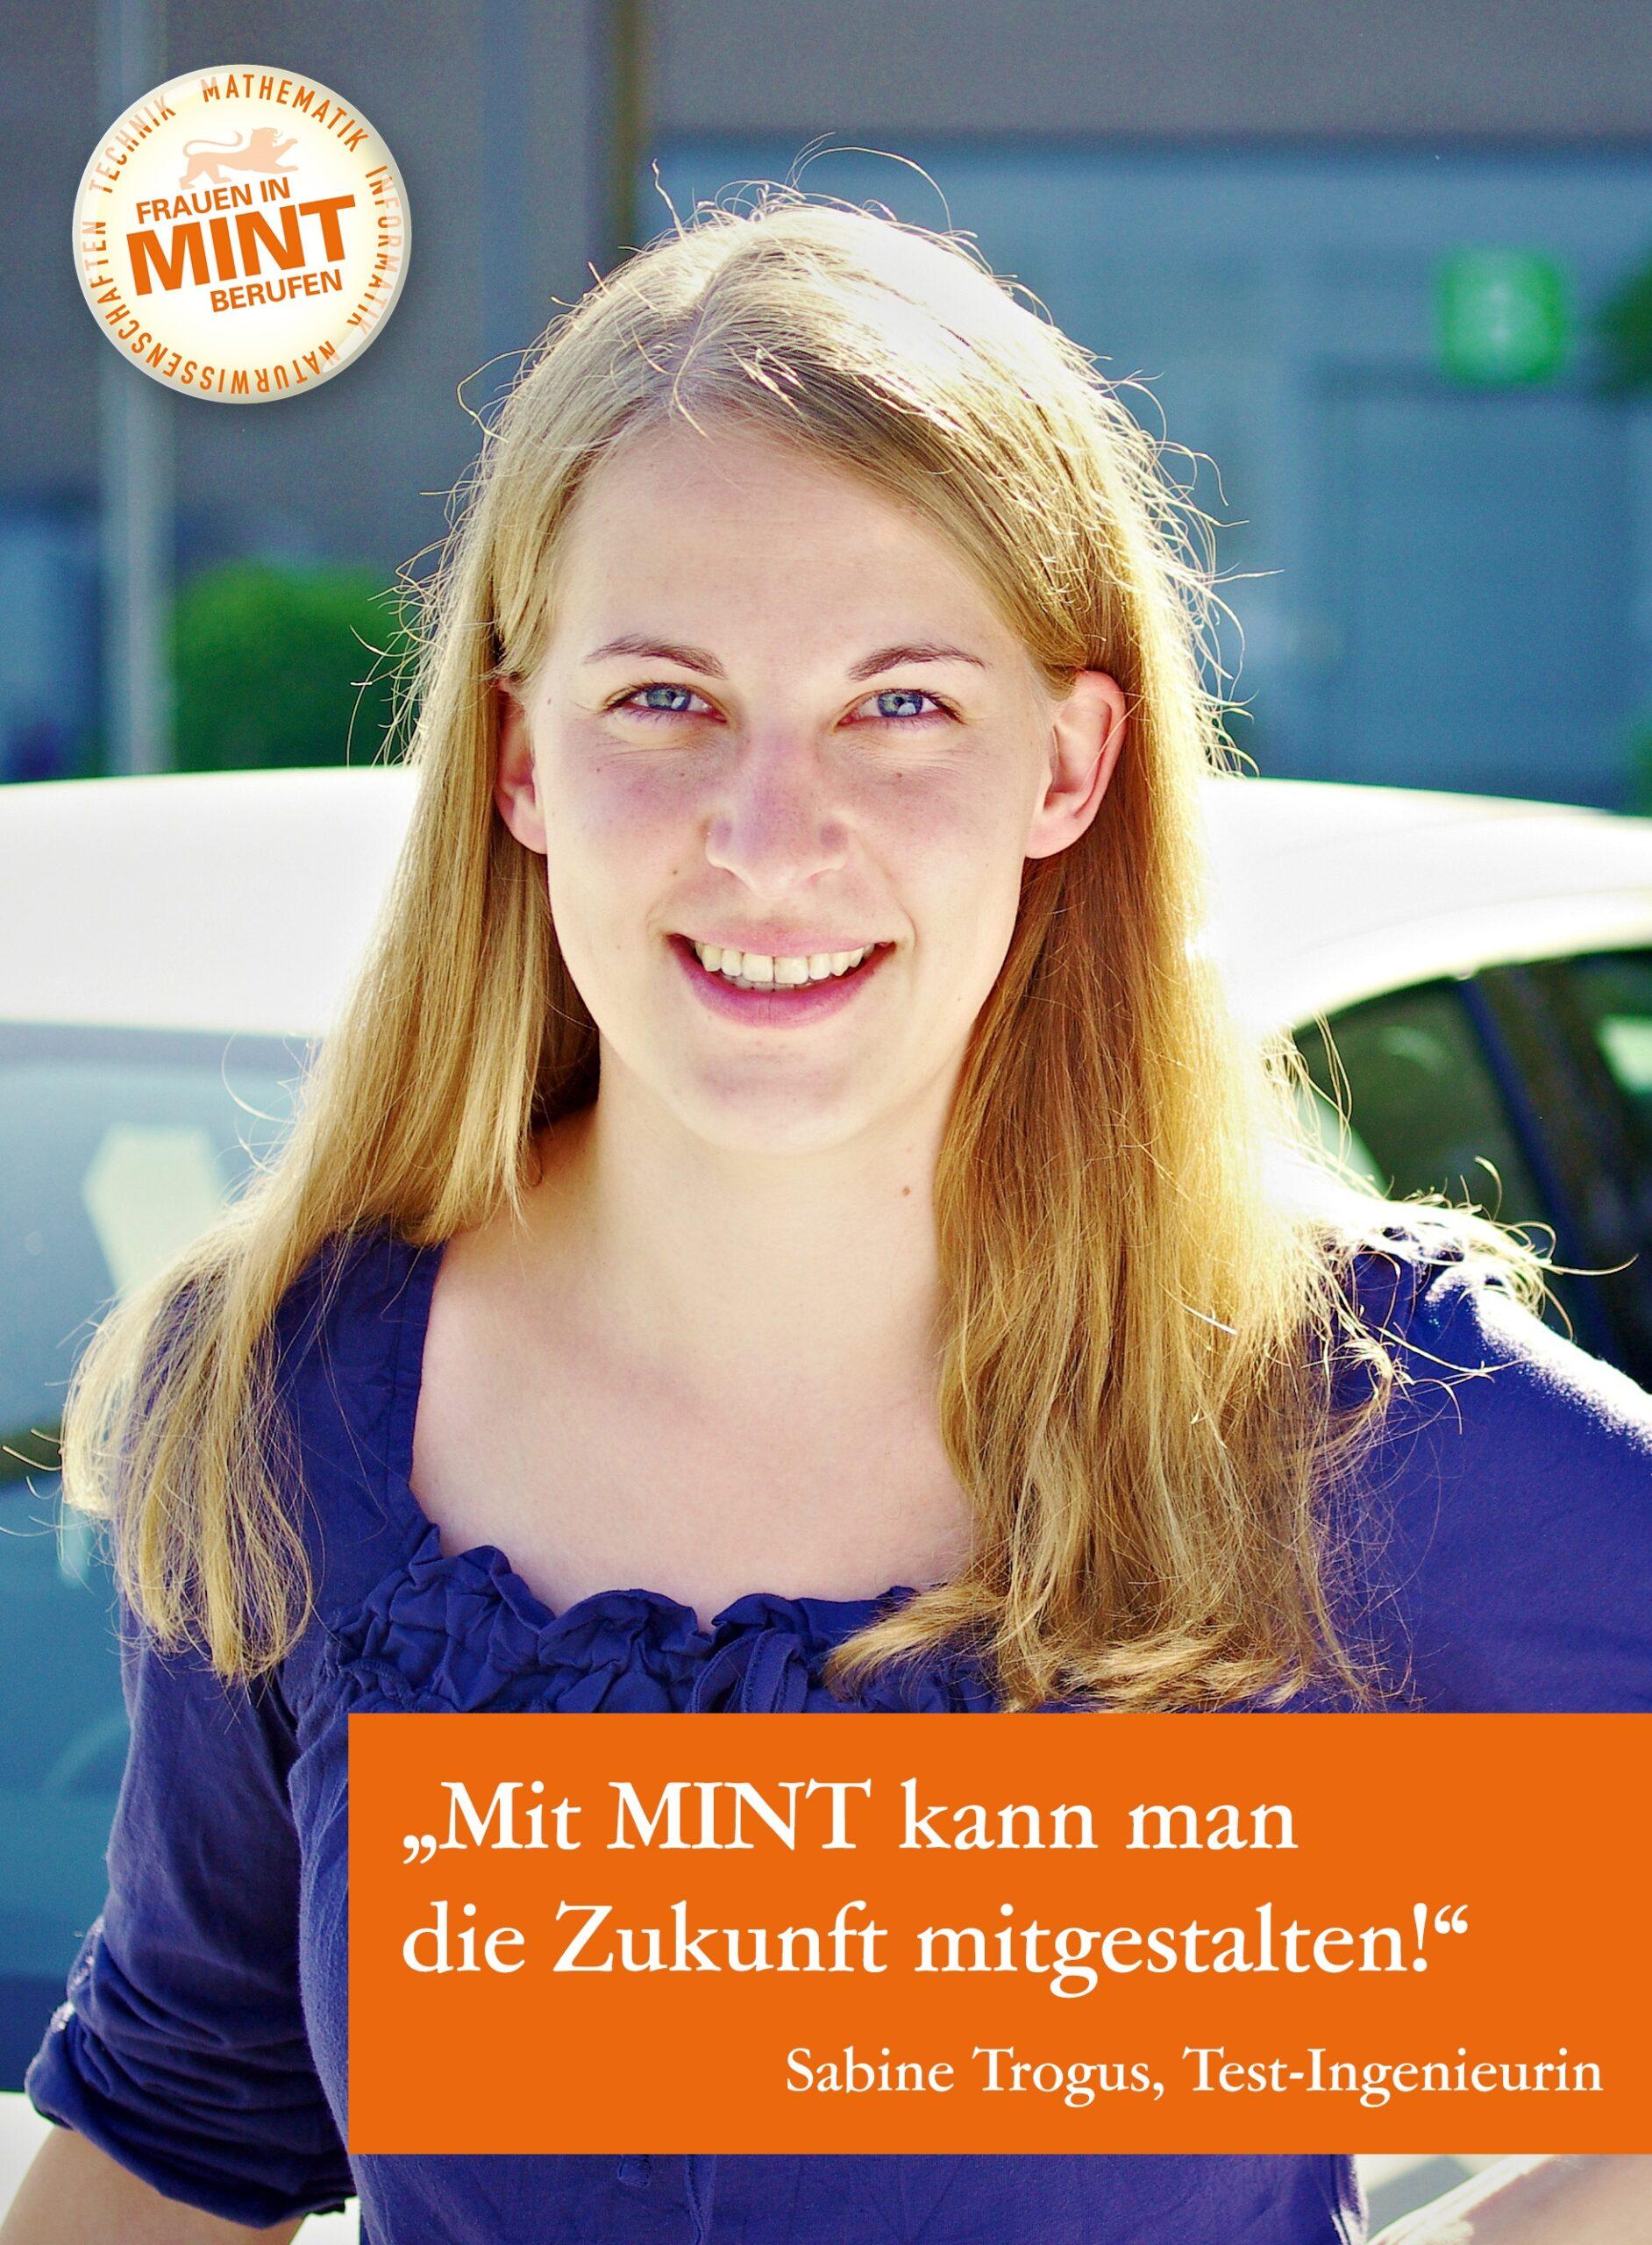 Die Test-Ingenieurin Sabine Trogus lächelt in die Kamera. Im Bild ist ein Zitat von ihr eingefügt:  Mit MINT kann man die Zukunft gestalten.